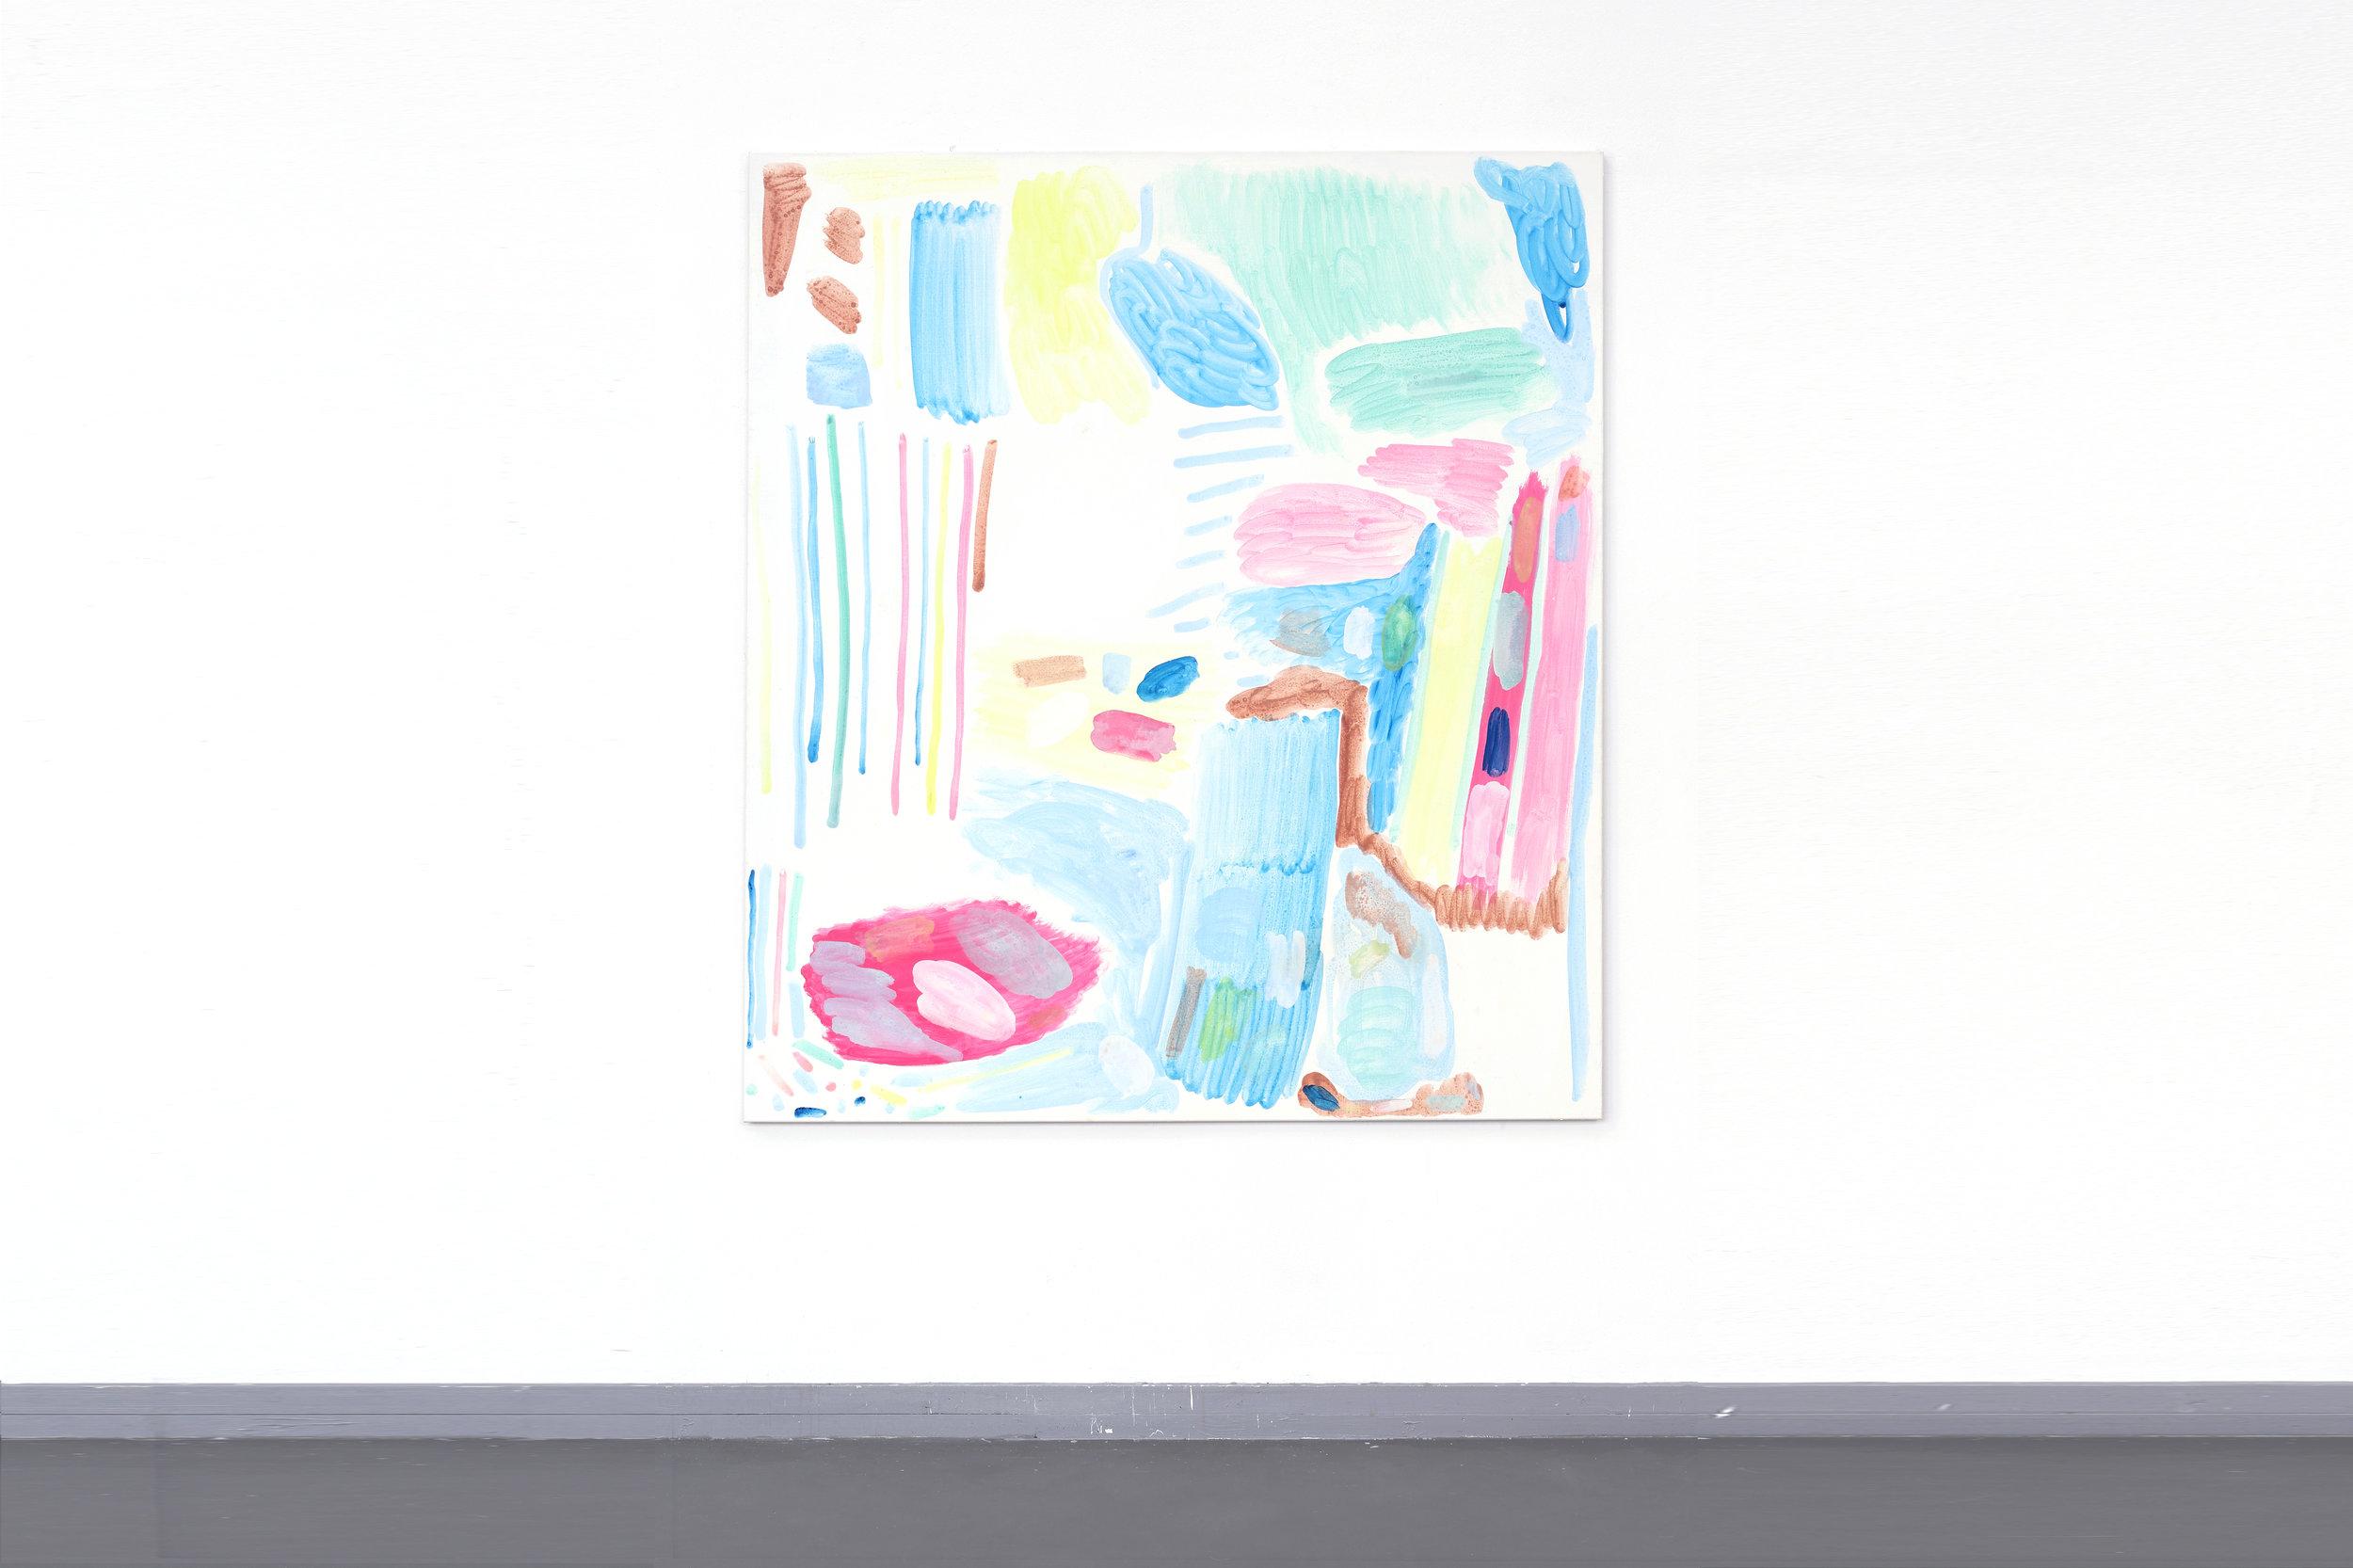 Testdoek 2 - Egg-tempera on canvas, 170 x 150 cm, 2017